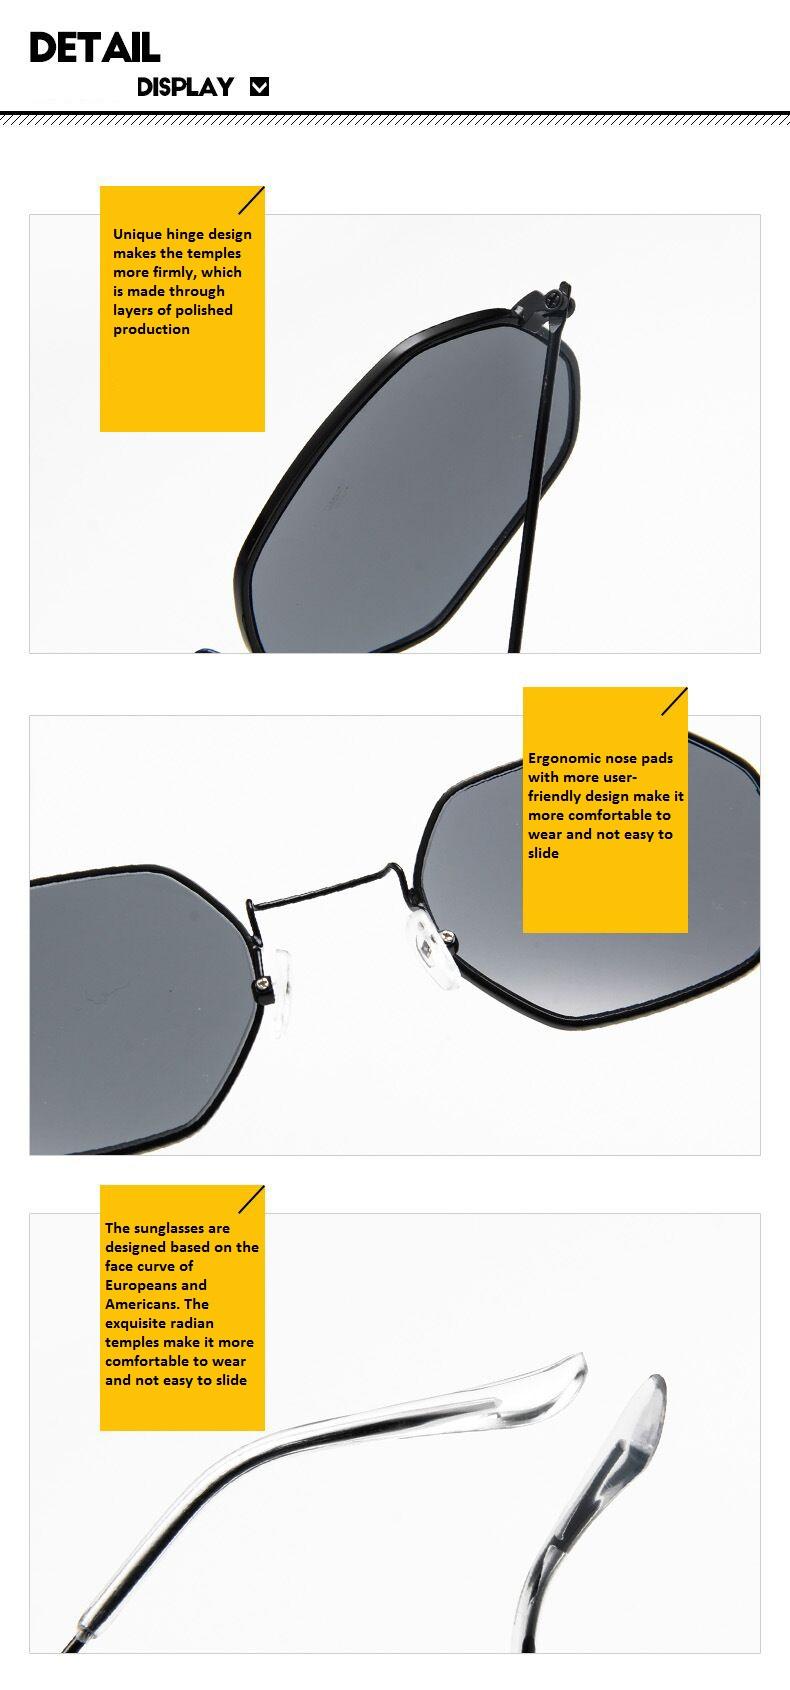 HTB1GxTNRFXXXXXVXFXXq6xXFXXXV - ZBHwish 2017 Square Sunglasses Women men Retro Fashion Rose Gold Sun glasses Brand  Transparent  glasses ladies Sunglasses Women